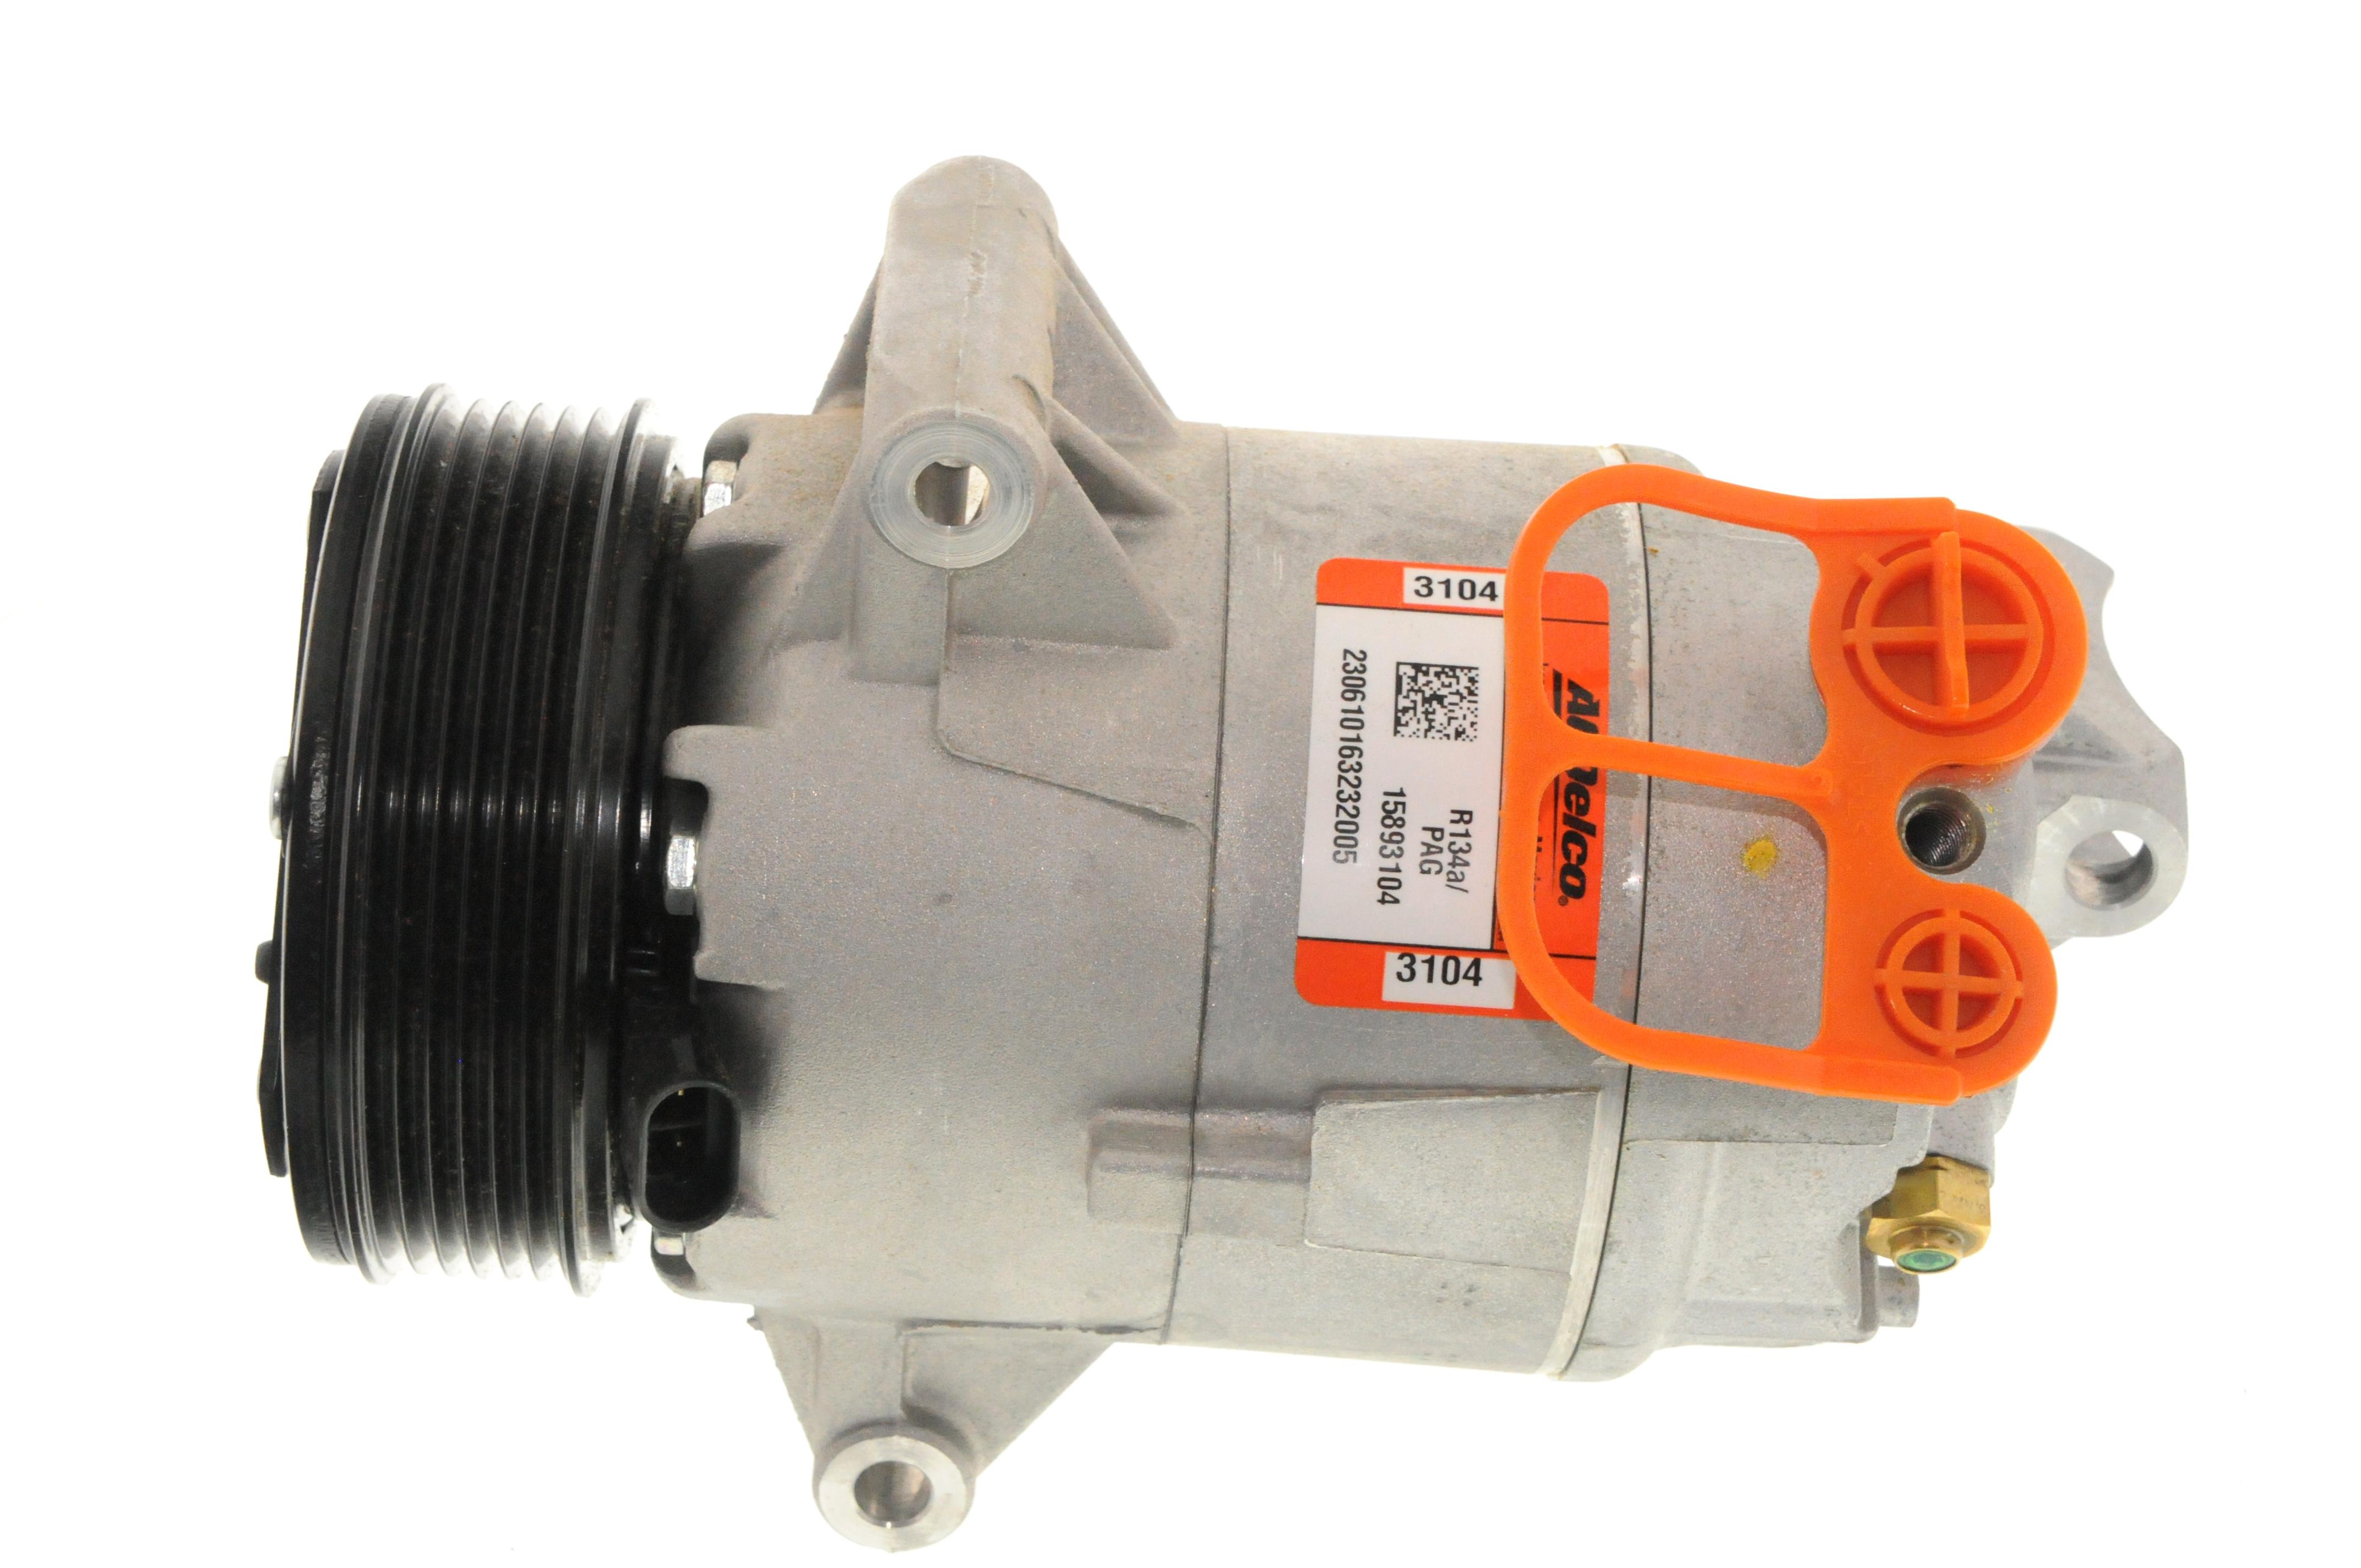 ACDELCO GM ORIGINAL EQUIPMENT - A/C Compressor and Clutch - DCB 15-21589